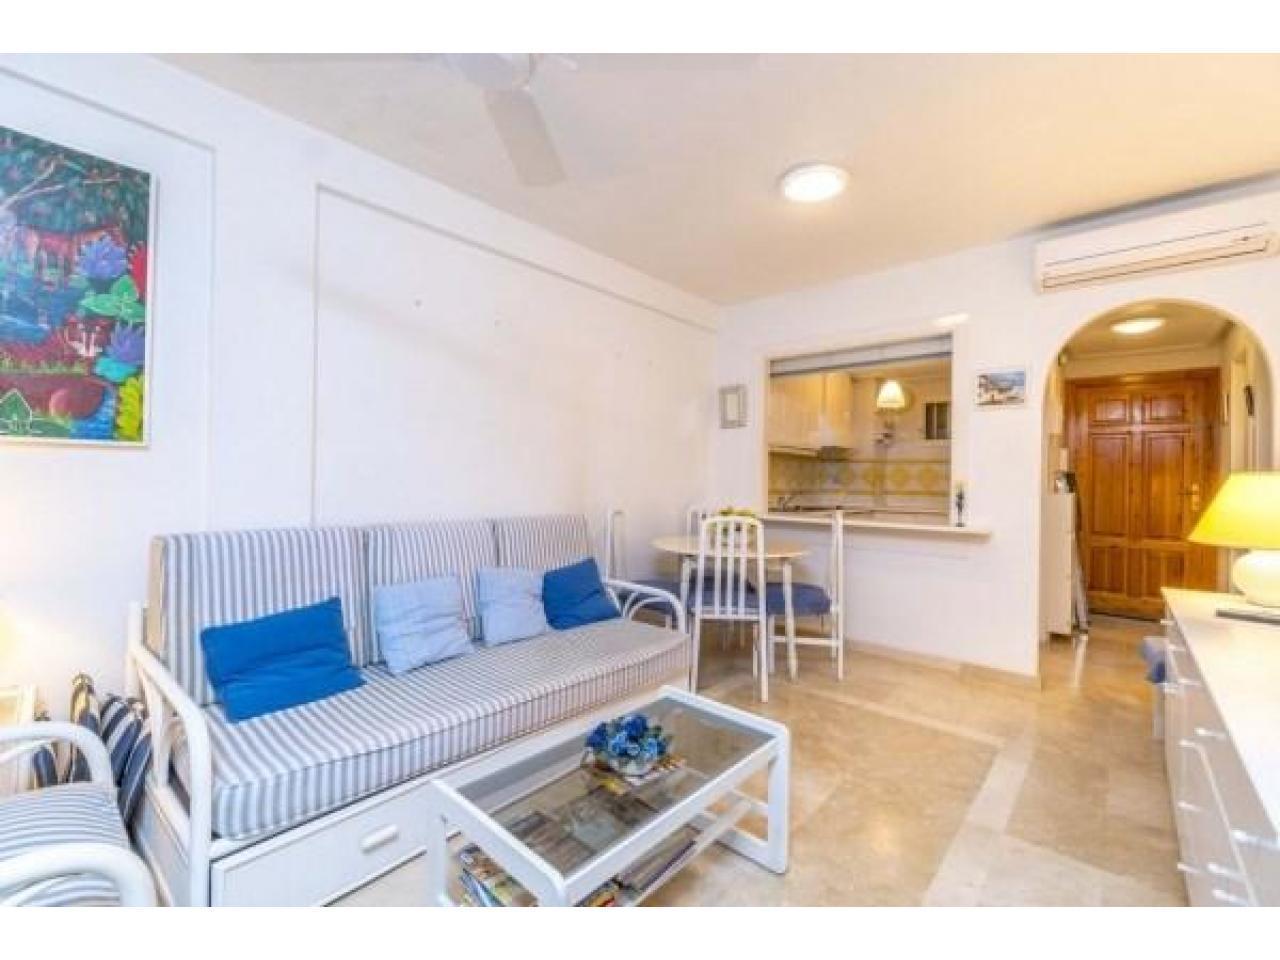 Недвижимость в Испании, Квартира с видами на море в Кампоамор,Коста Бланка,Испания - 2